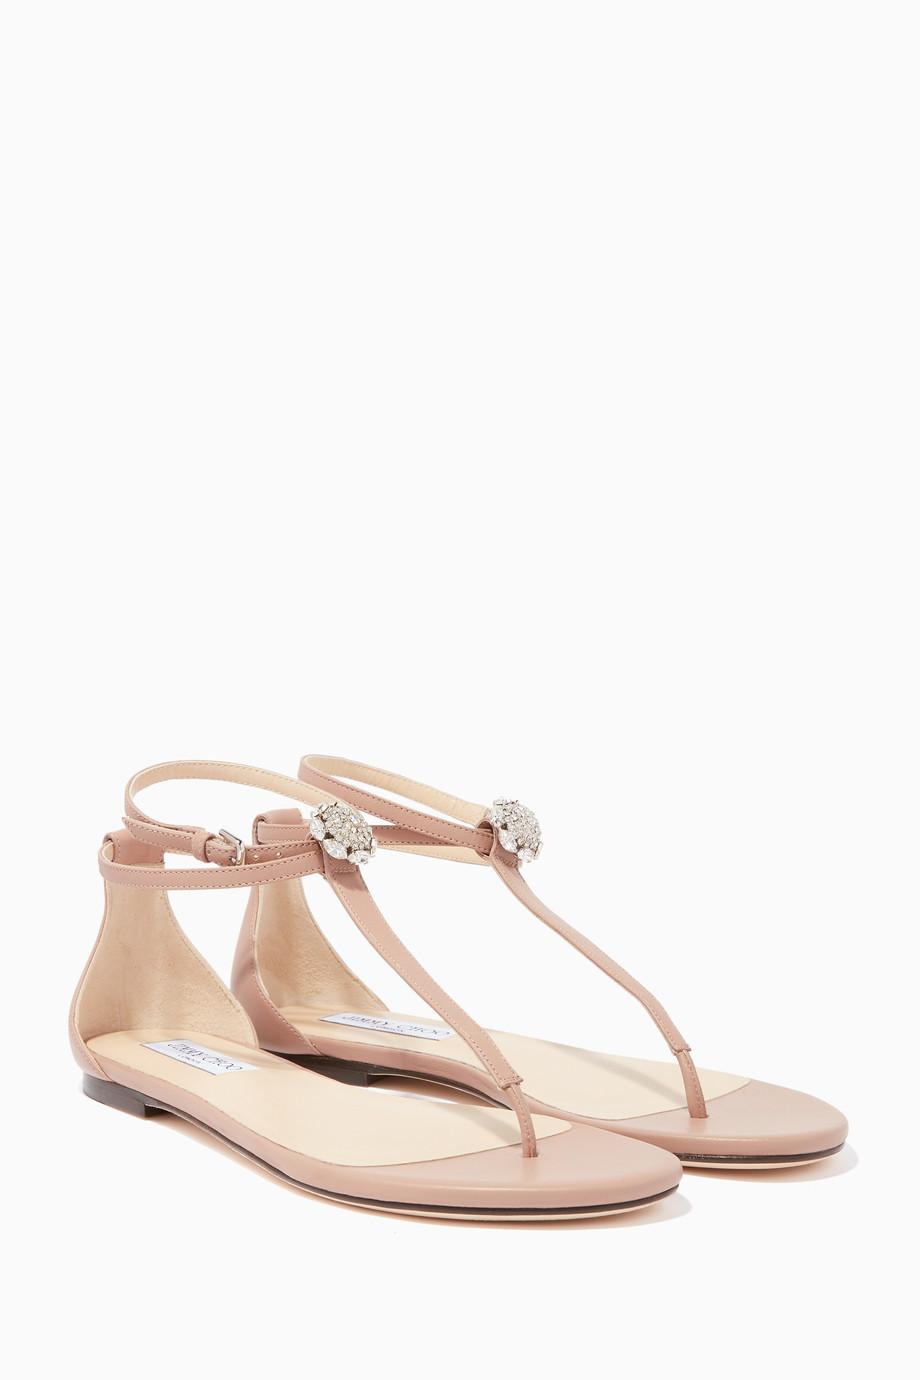 593d9ae3115b Shop Jimmy Choo Pink Ballet-Pink Afia Crystal Embellished Flats for ...